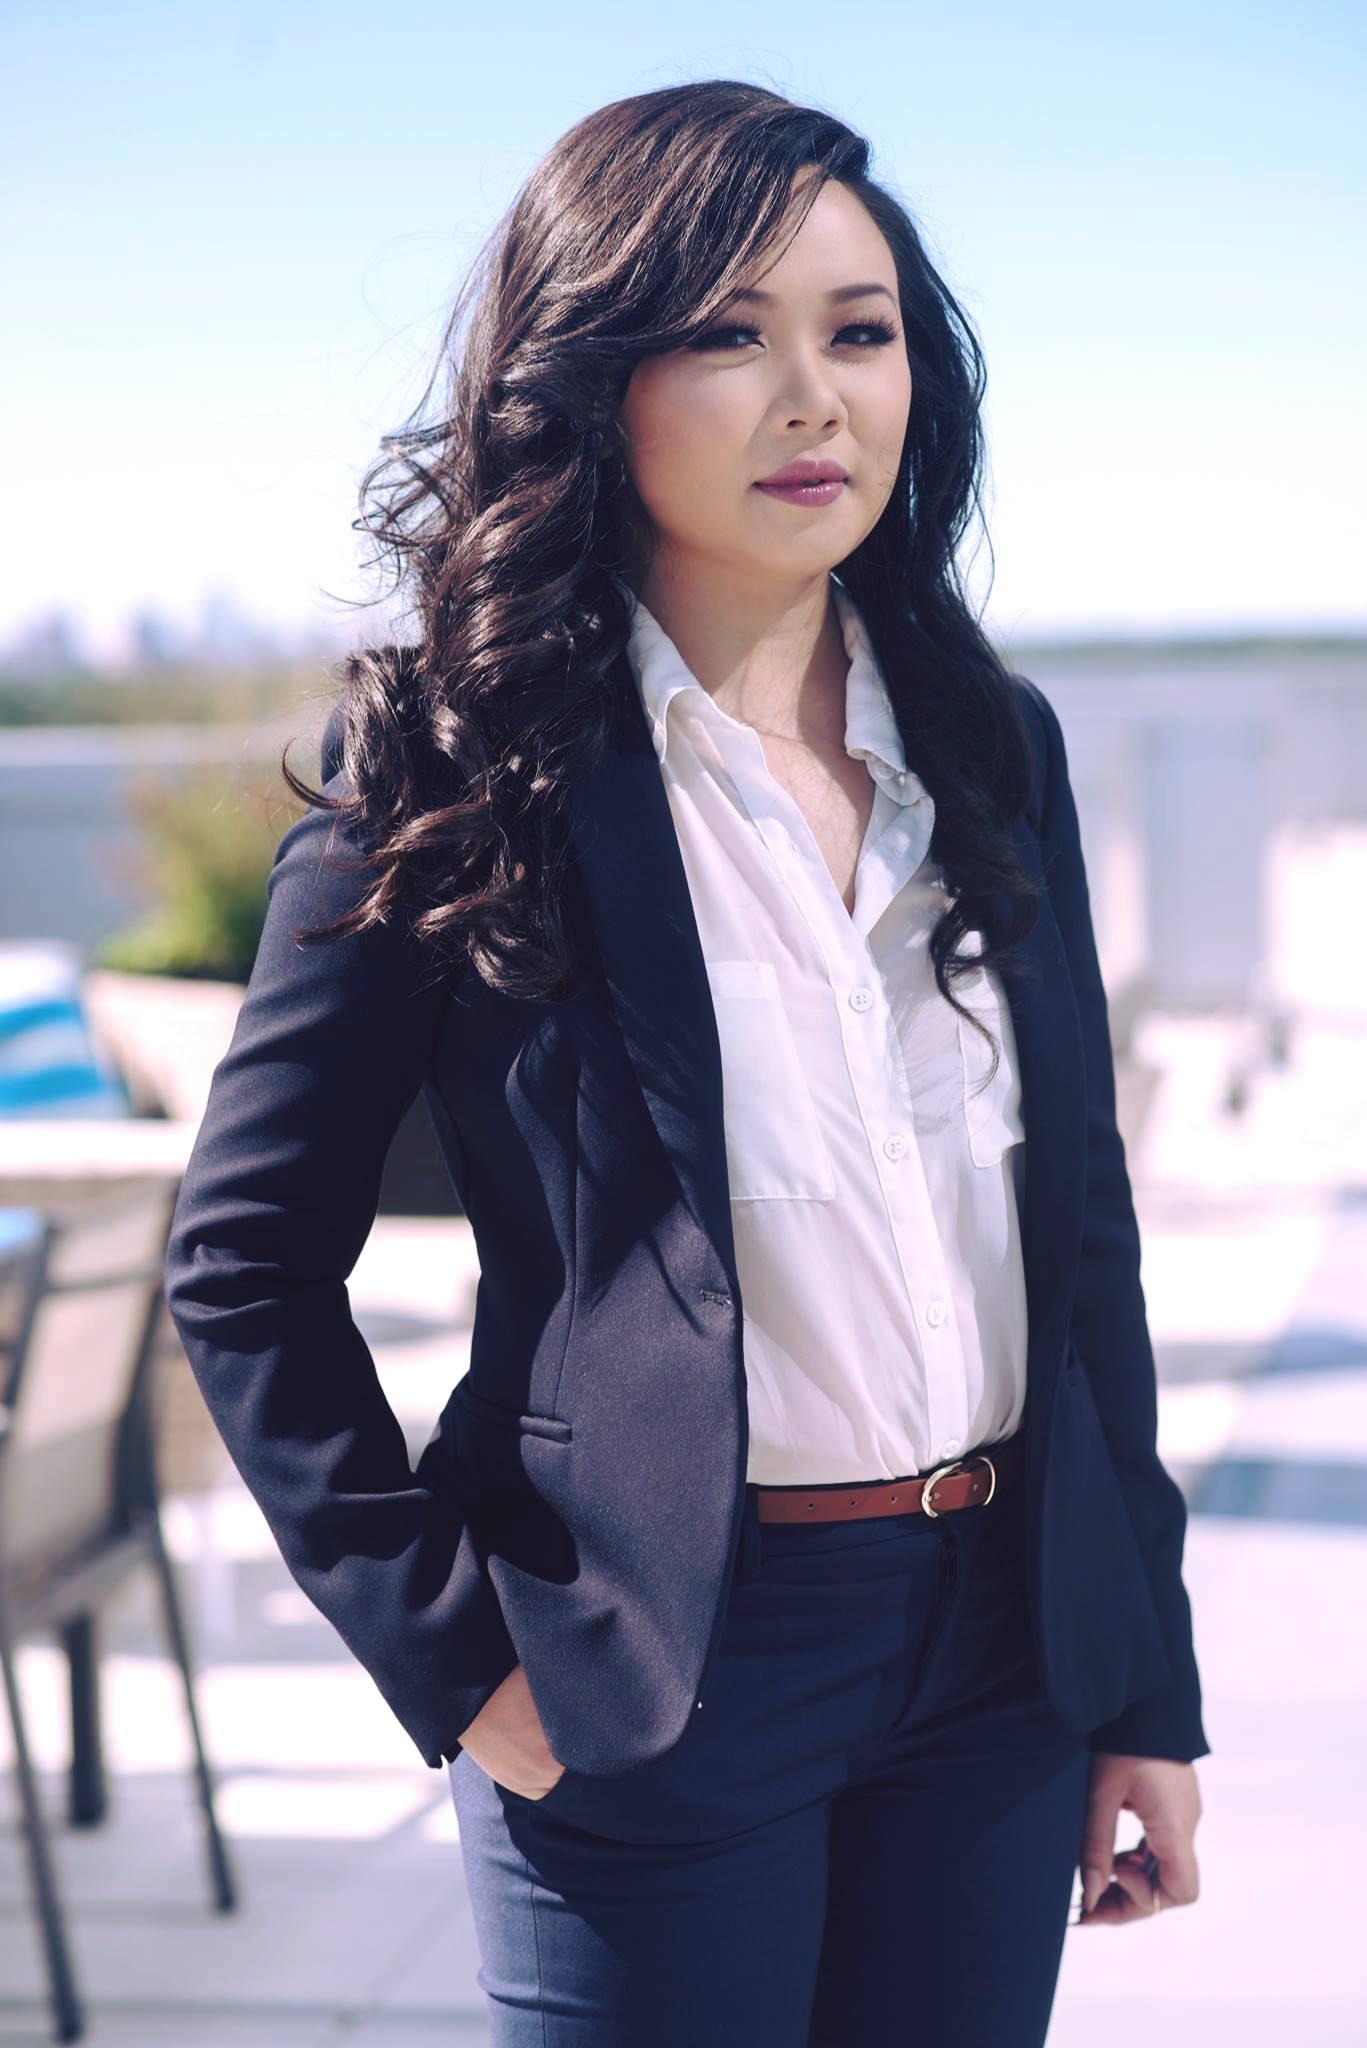 Thoa Kim Nguyen